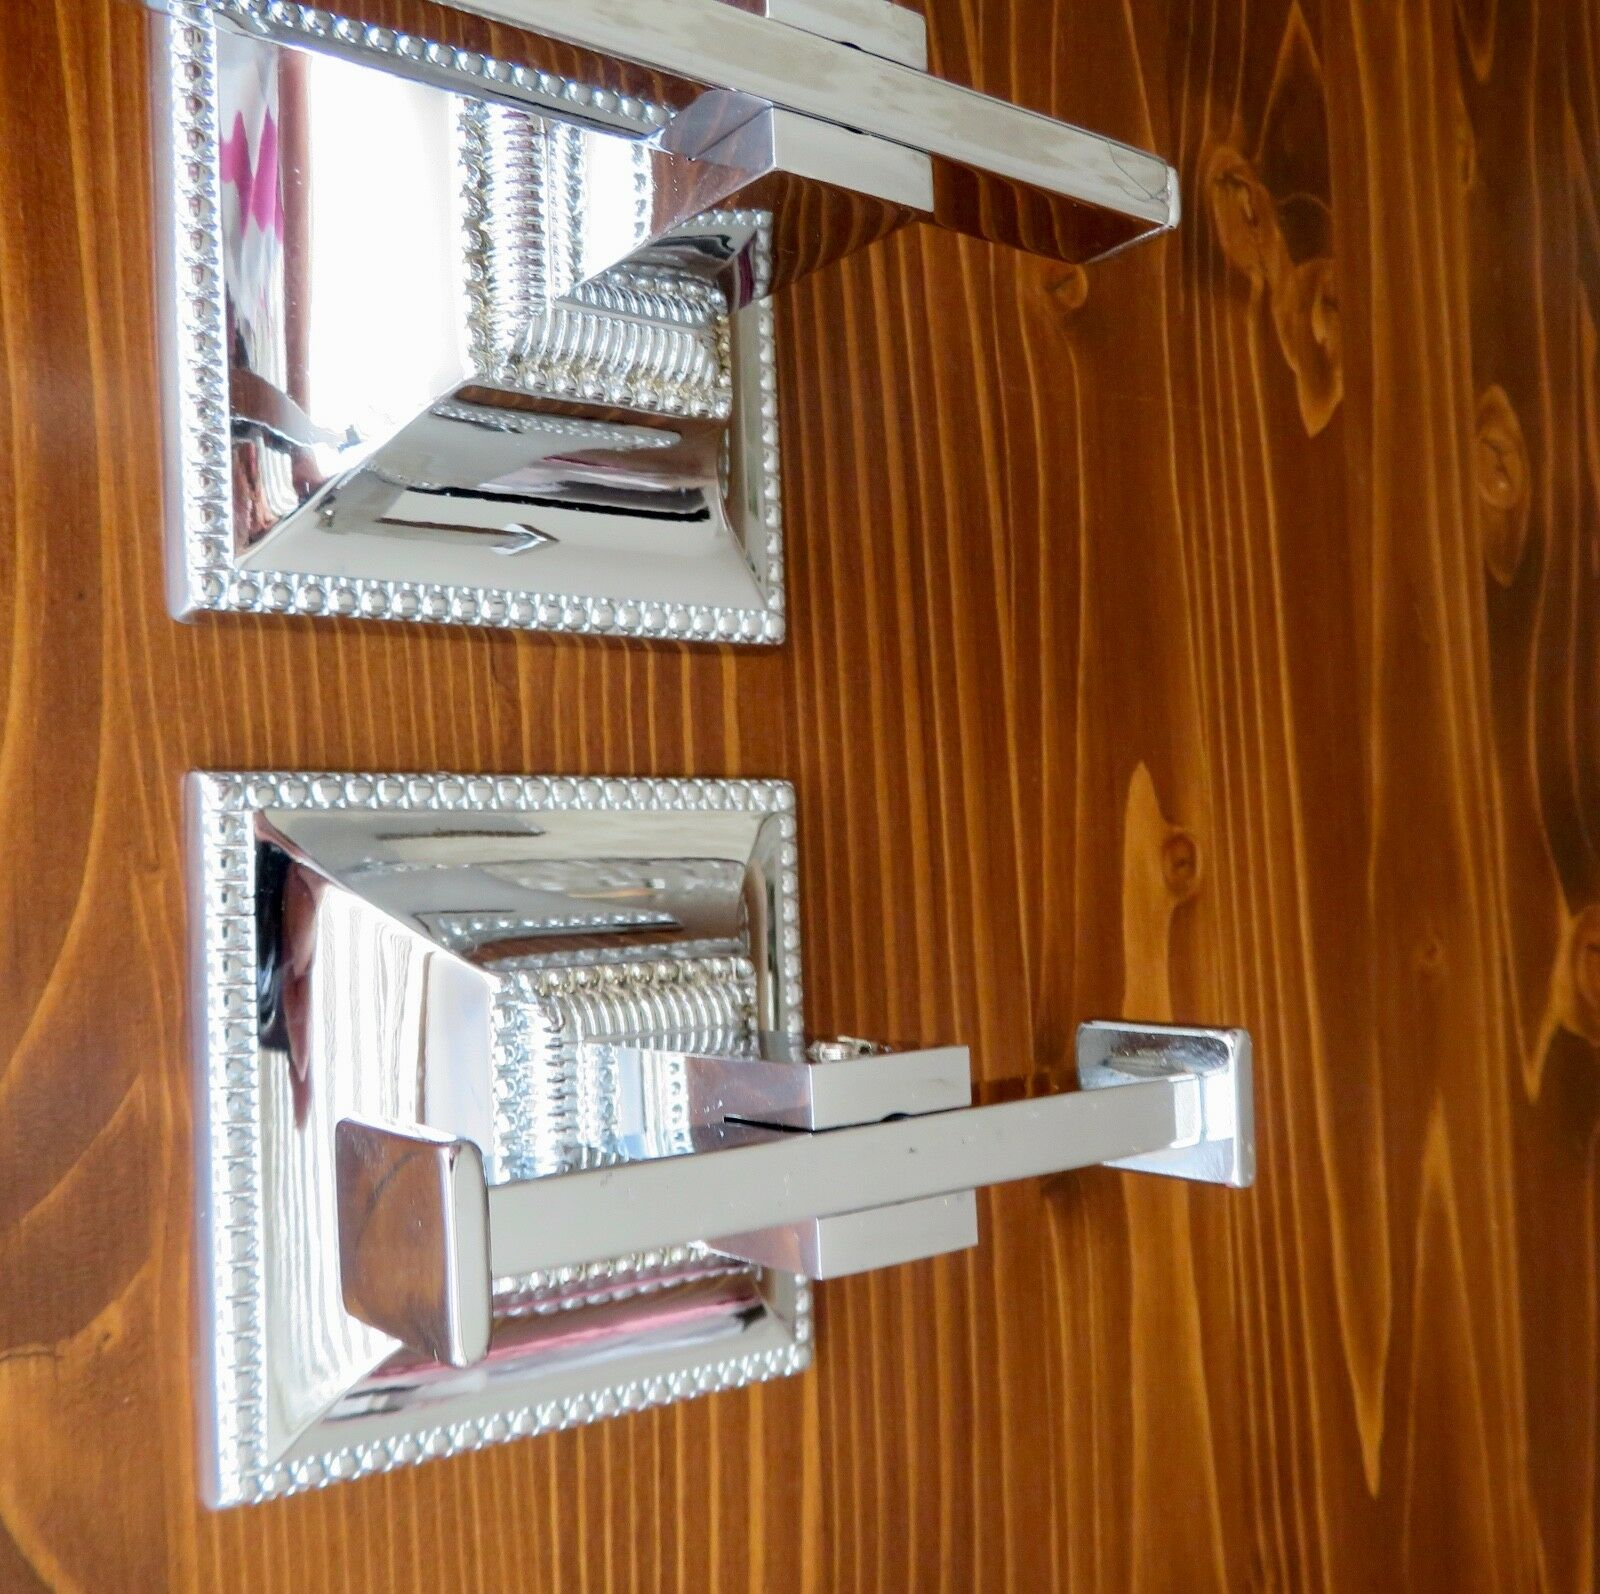 Handtuchhalter Messing Silber Badezimmer Modern Wc Toilette Bad Luxus Klassik Klassik Klassik | Spielzeugwelt, spielen Sie Ihre eigene Welt  878474